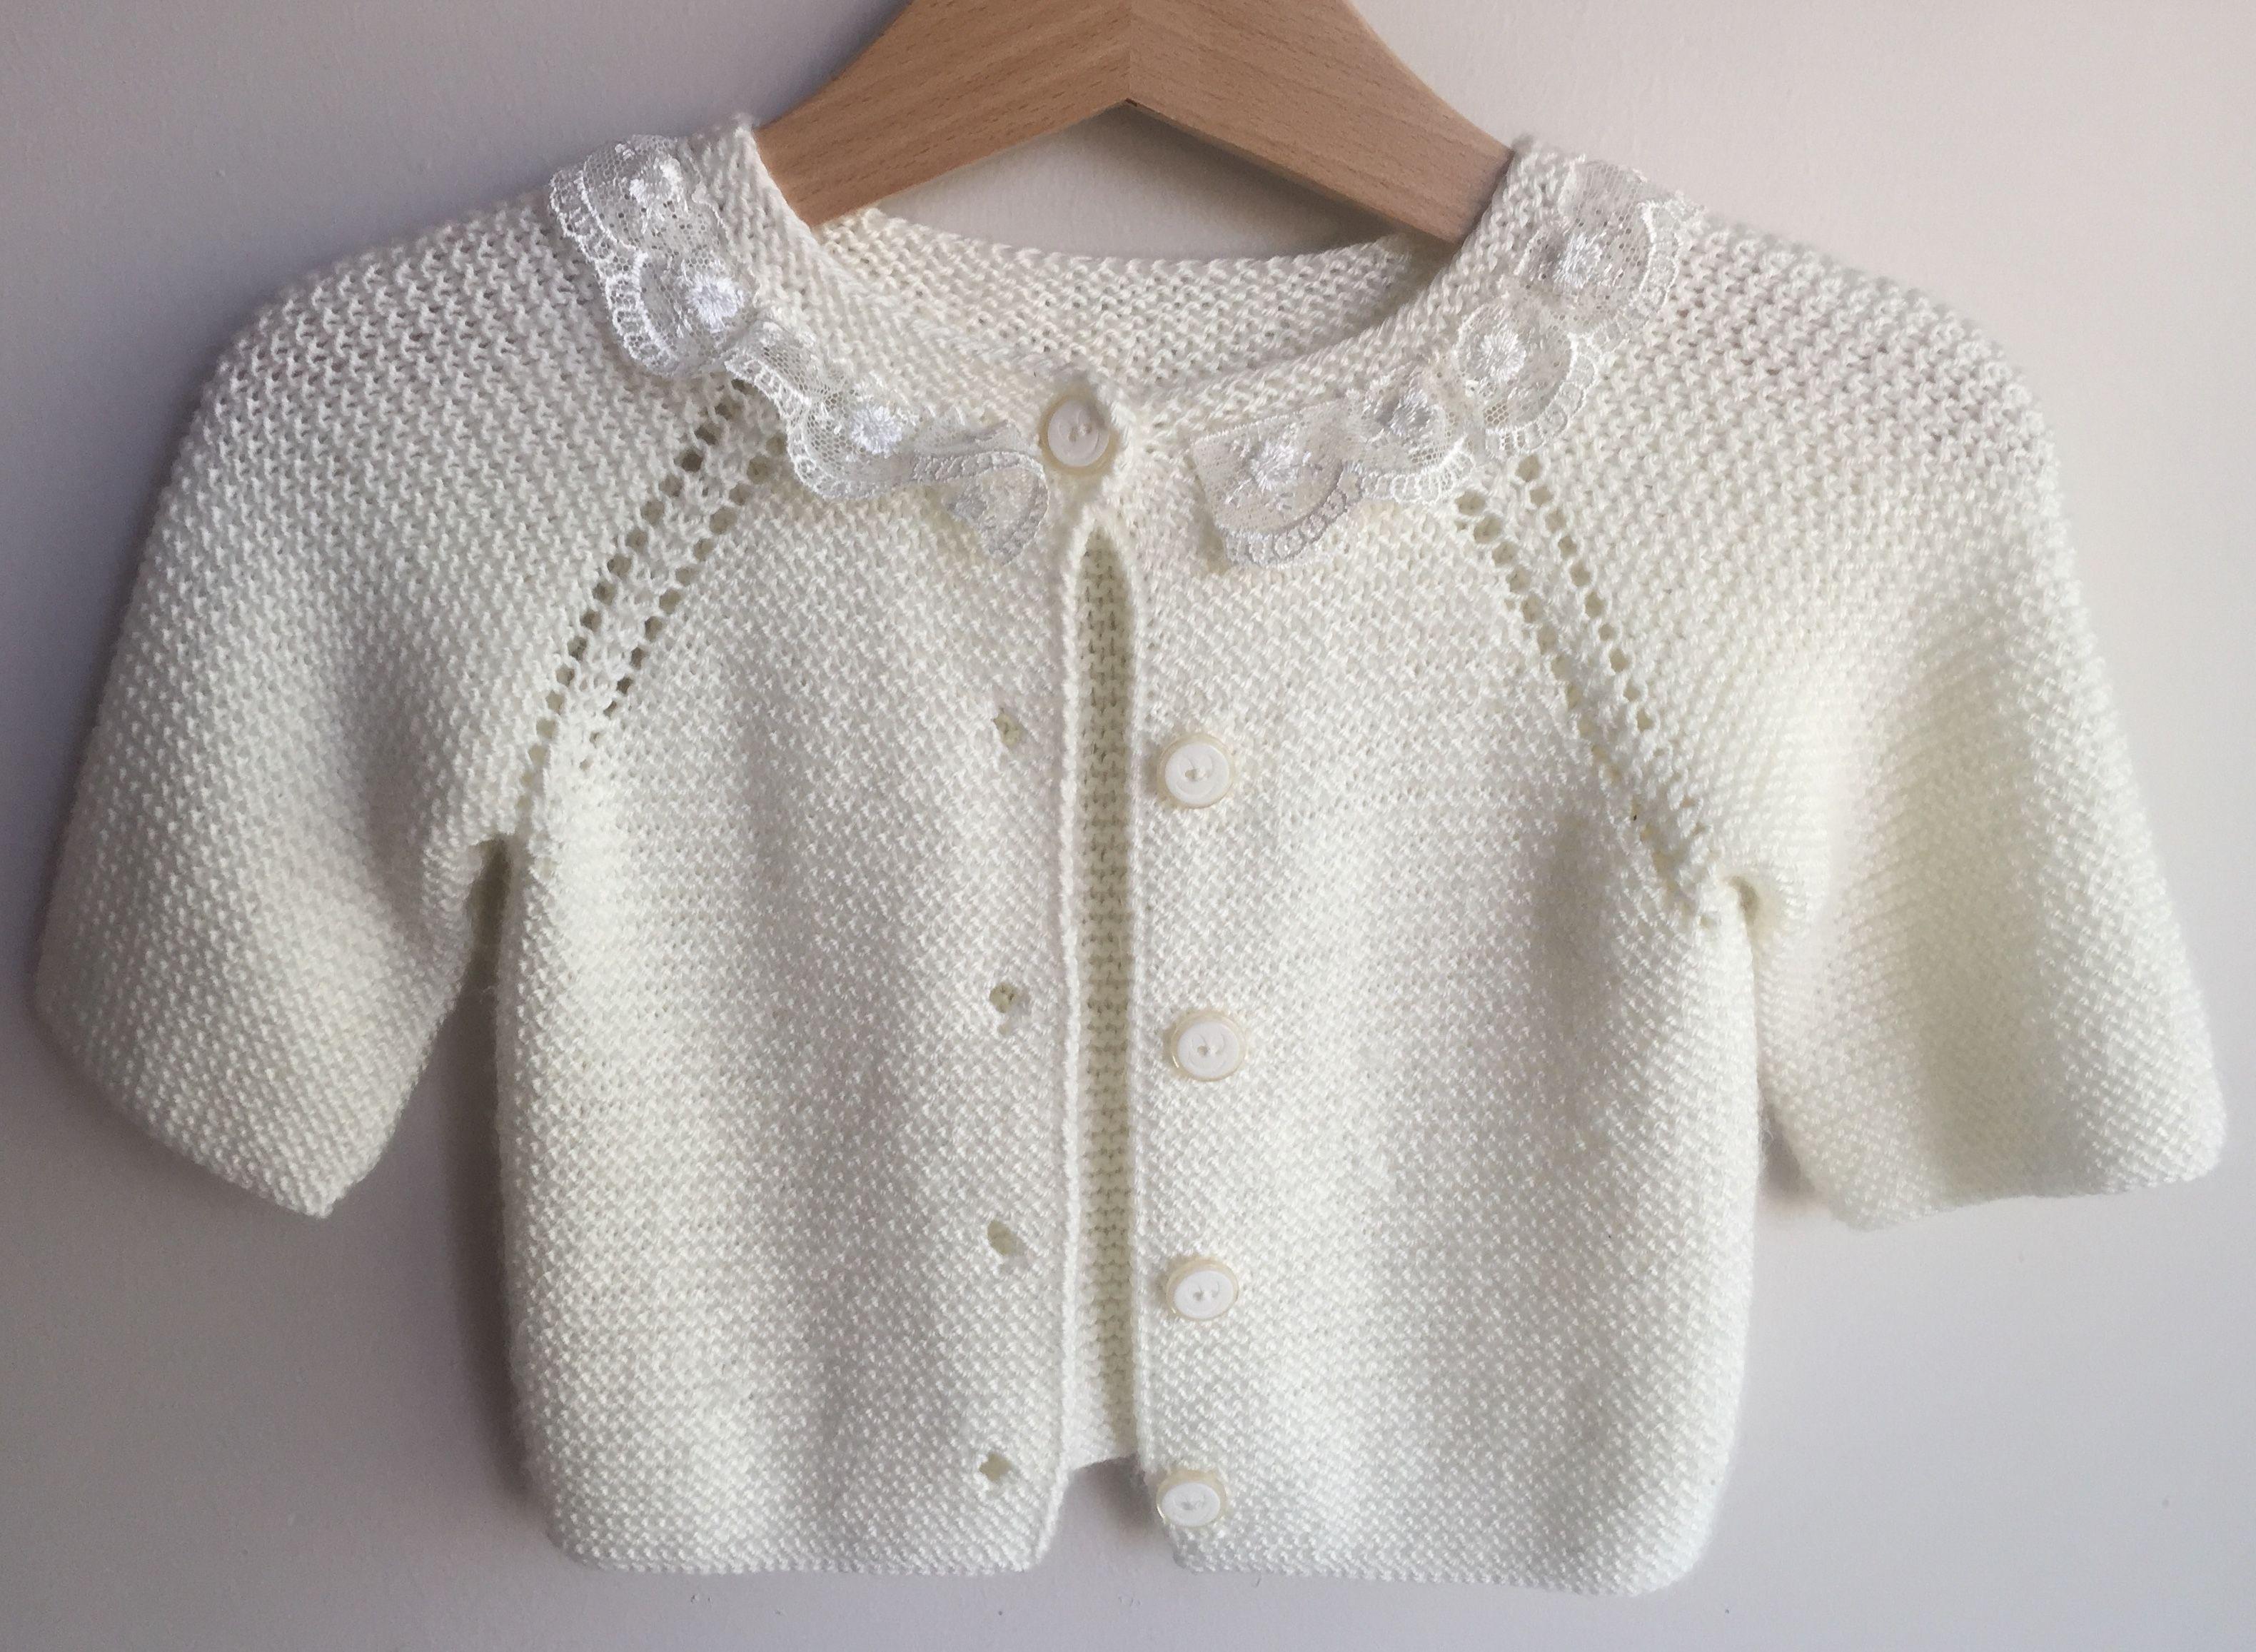 b1cb3e42b8e4 Baby Sweater